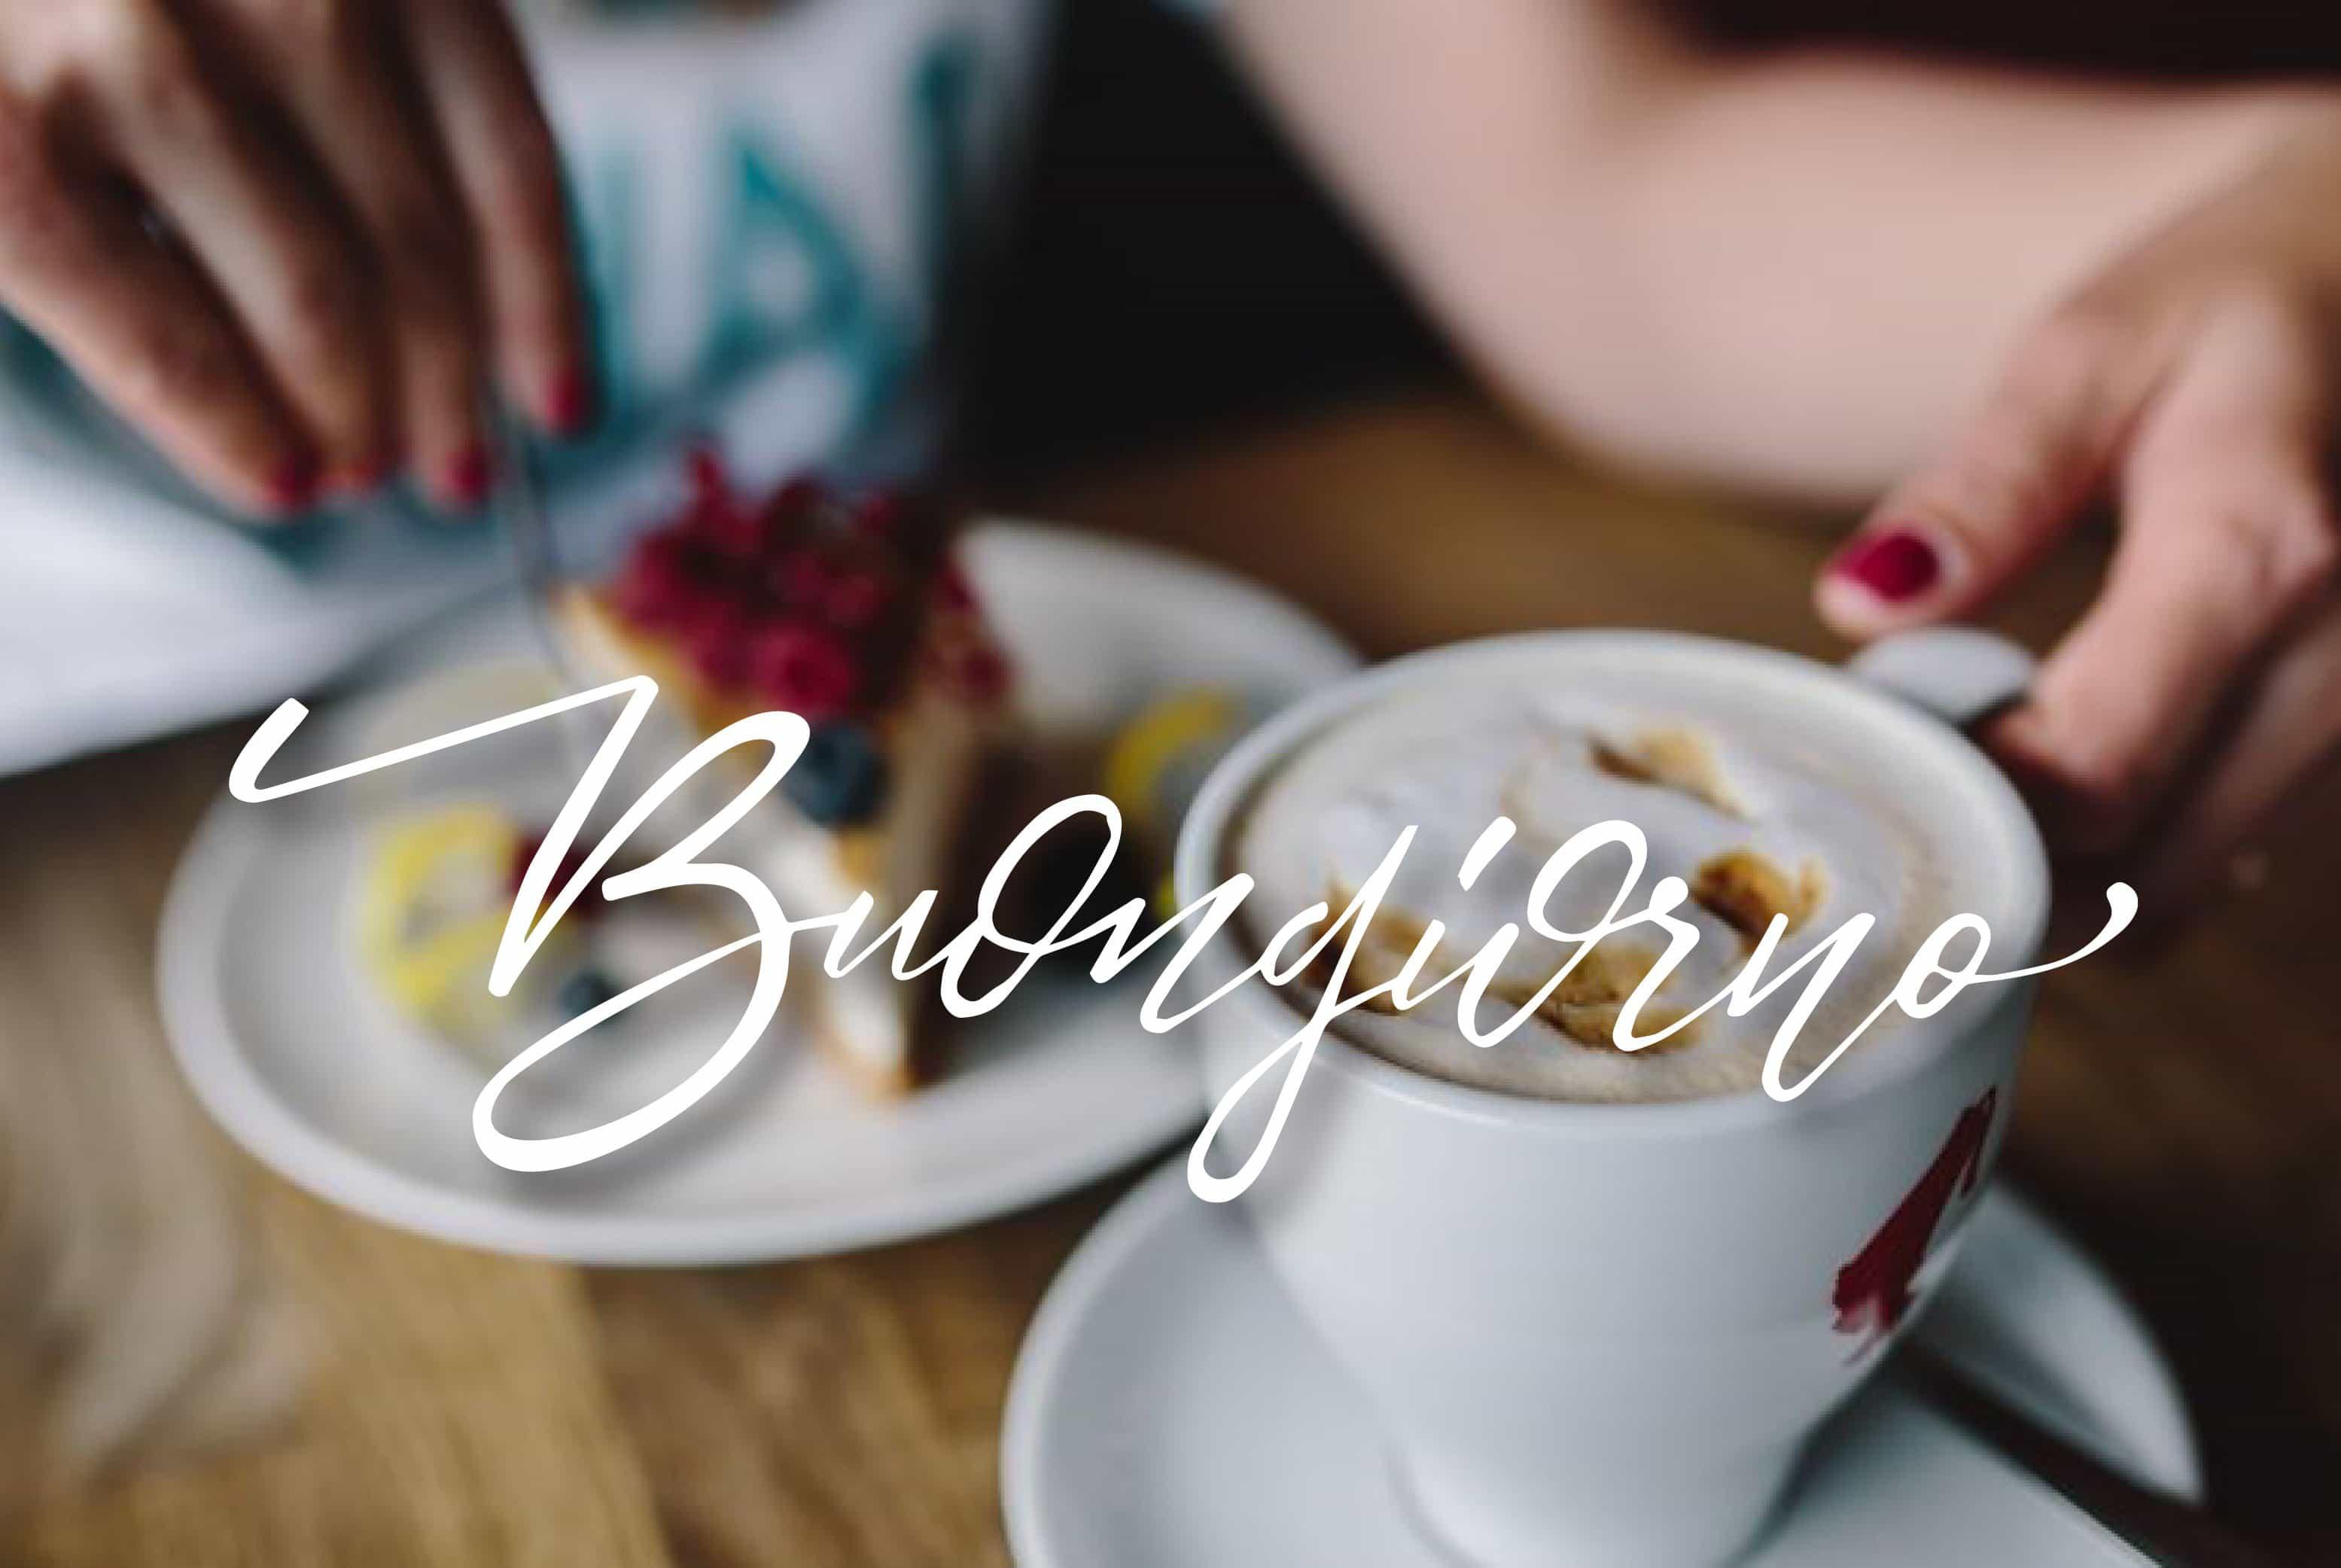 Buon caffè e buona giornata amici foto